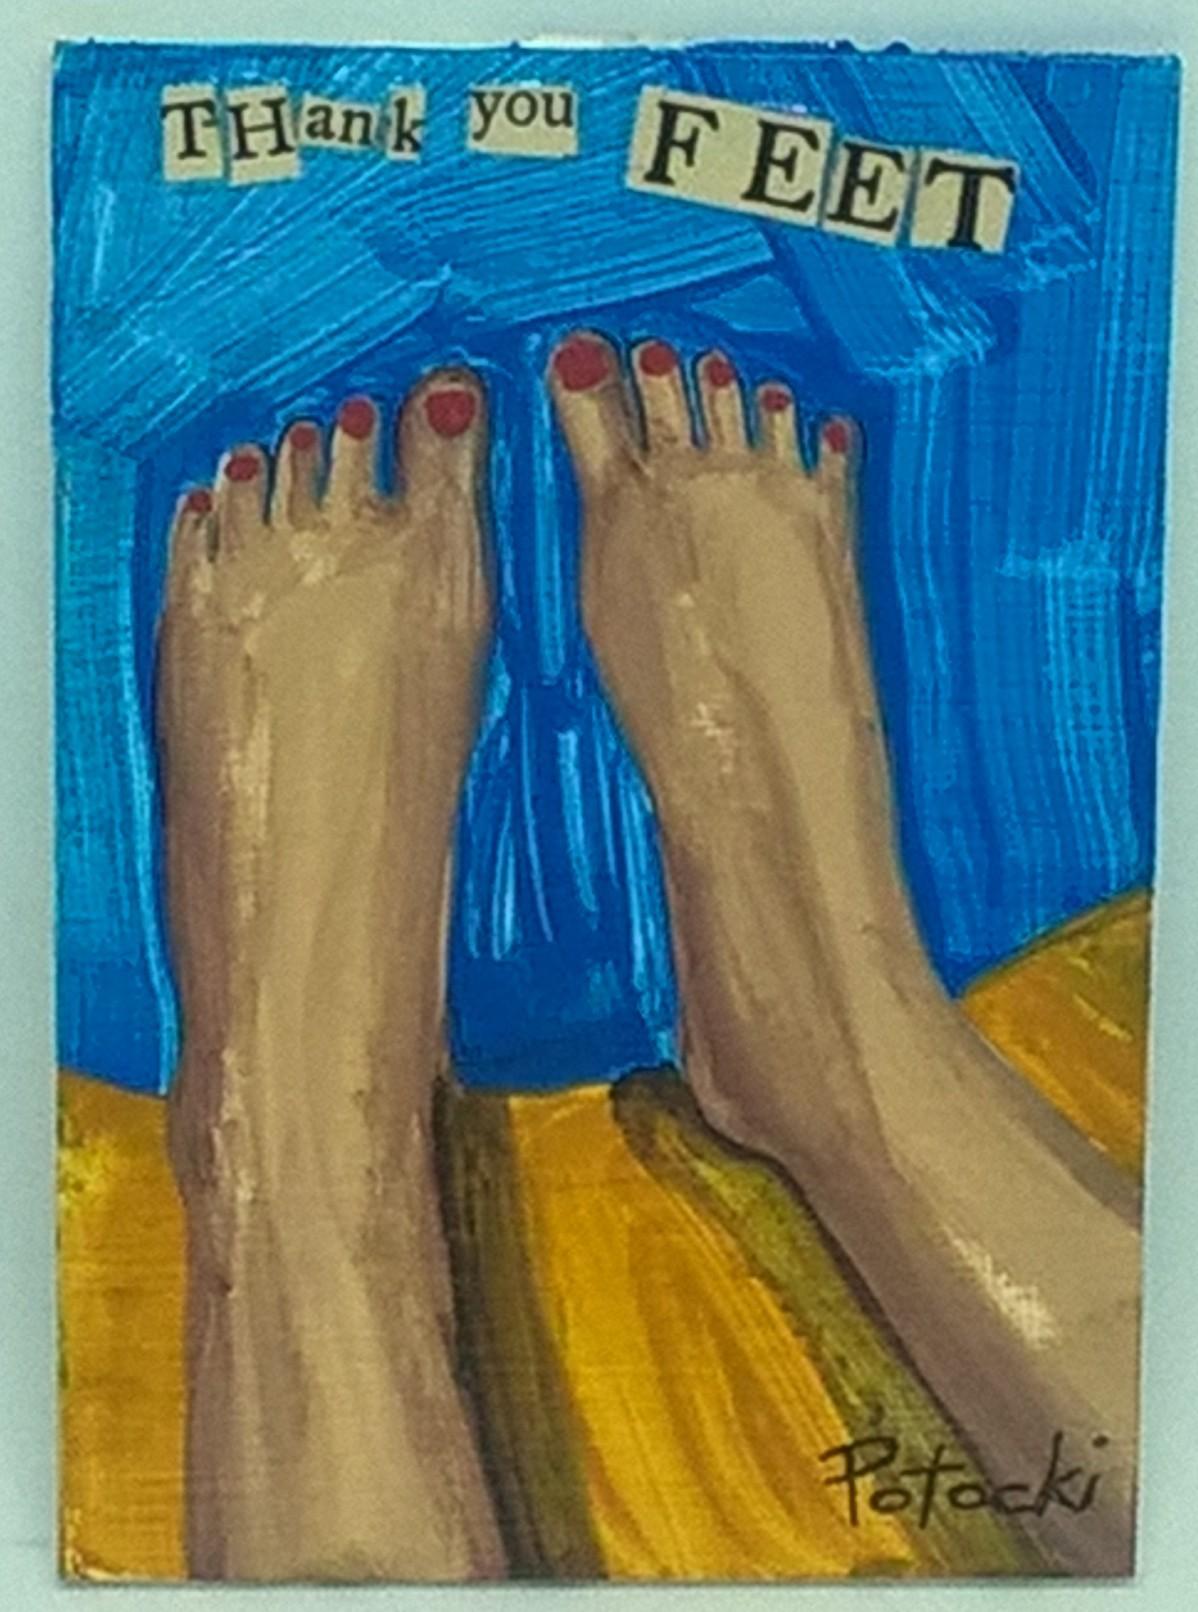 feet art, thank you feet